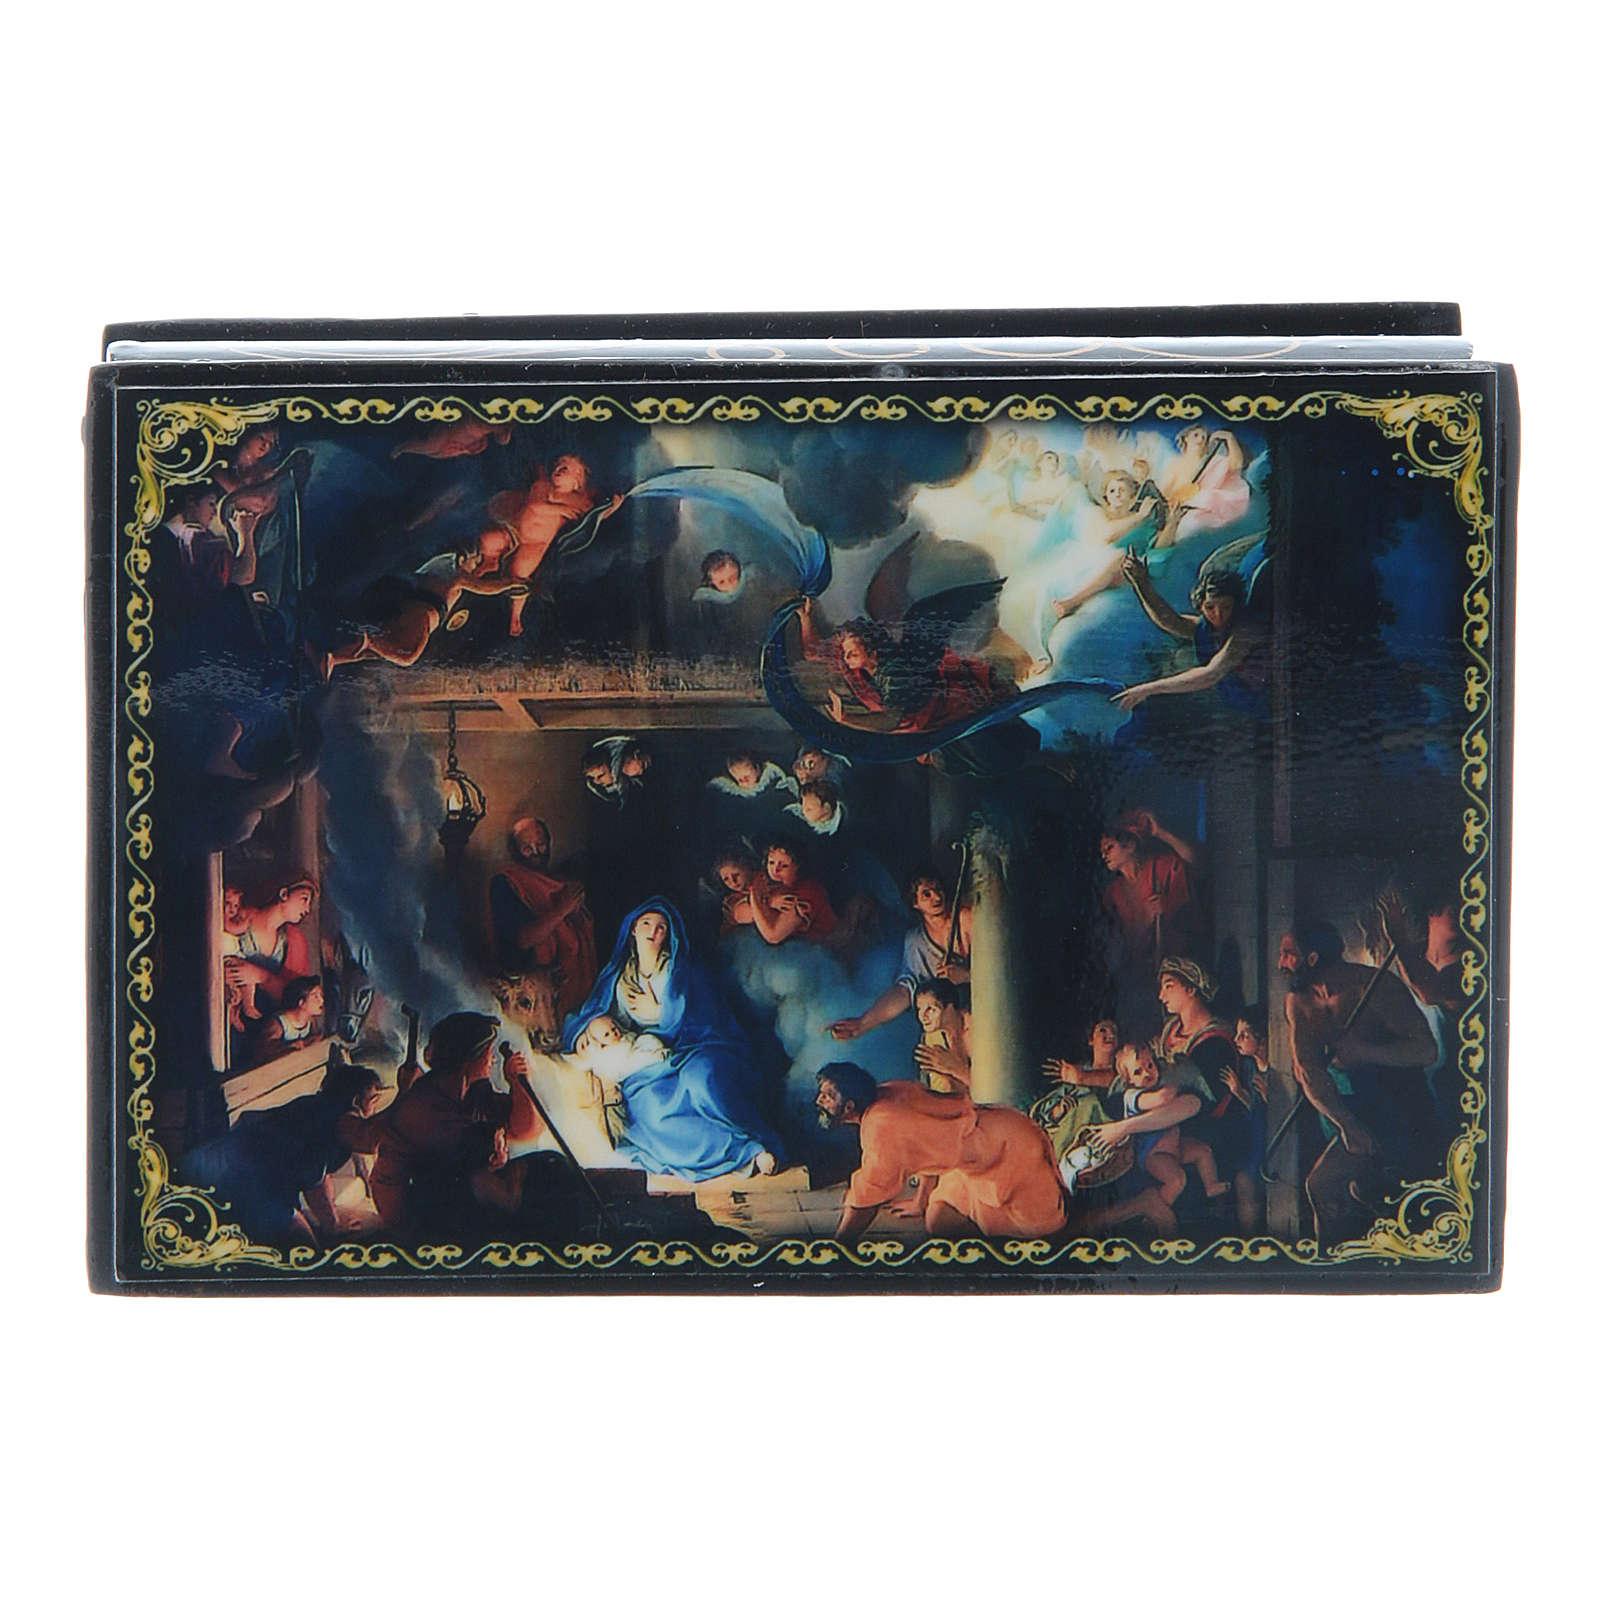 Lackdose aus Papiermaché Die Geburt Jesu Christi und Anbetung der Könige 9x6 cm 4